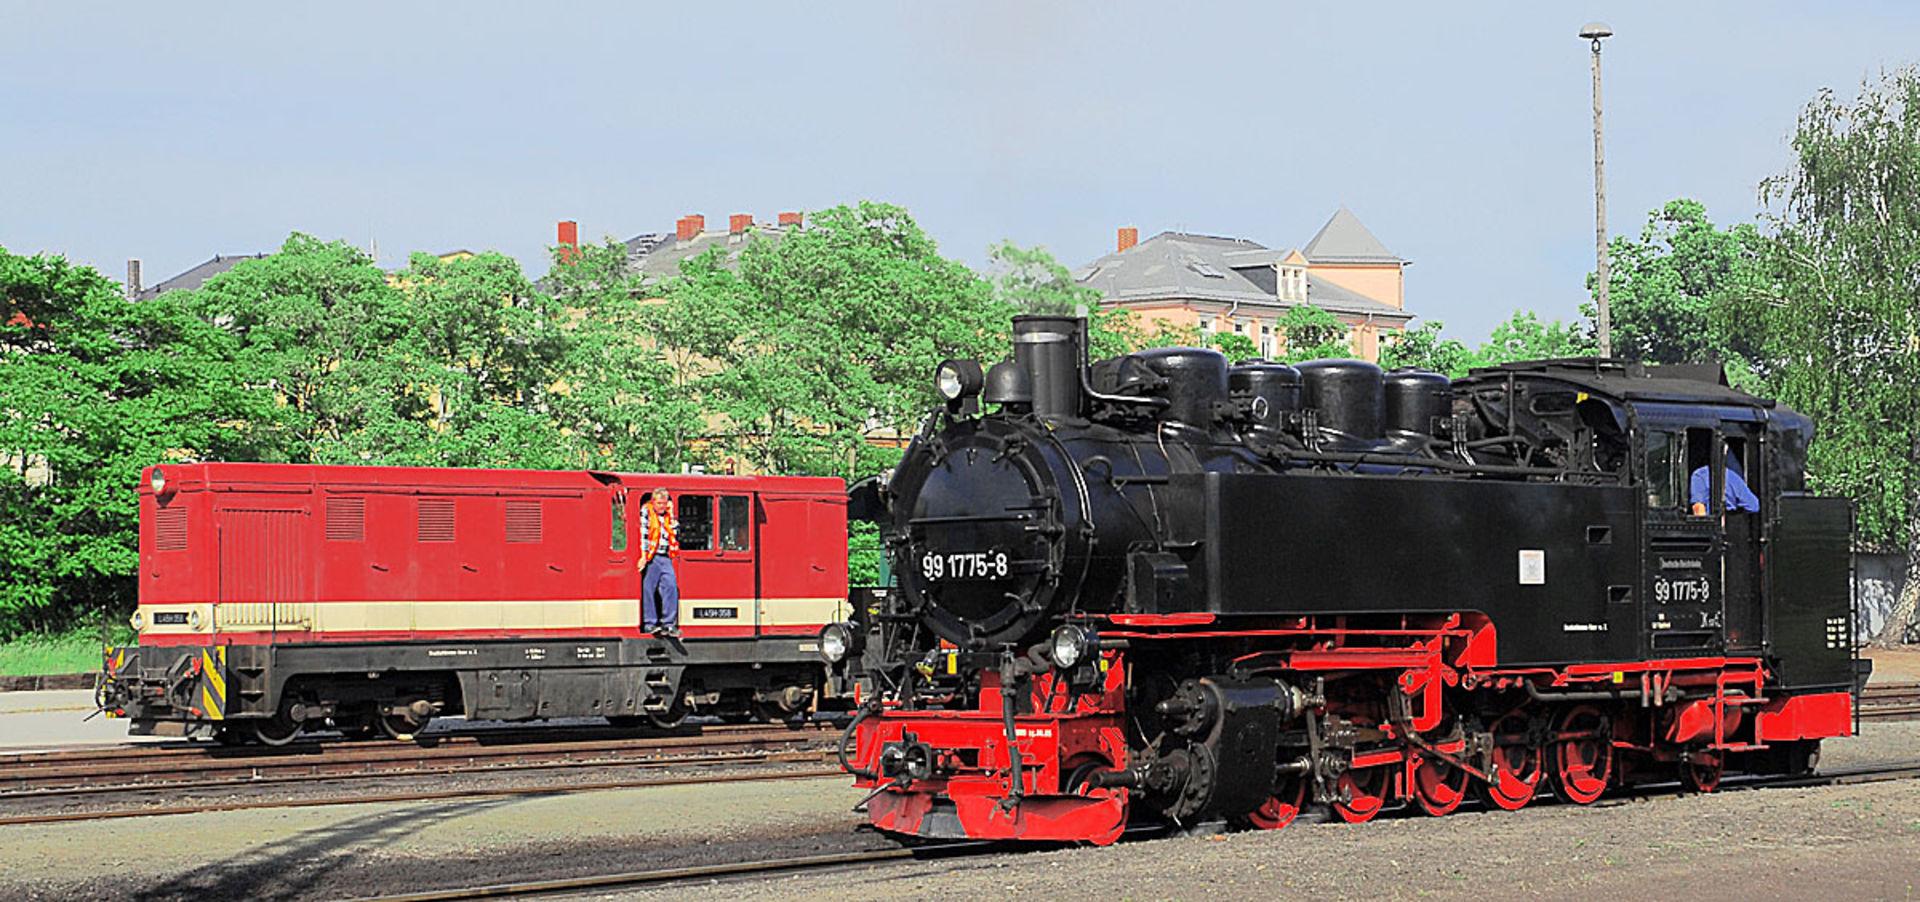 Dampf- und Dieselok in Radebeul Ost.  © MICHAEL SPERL